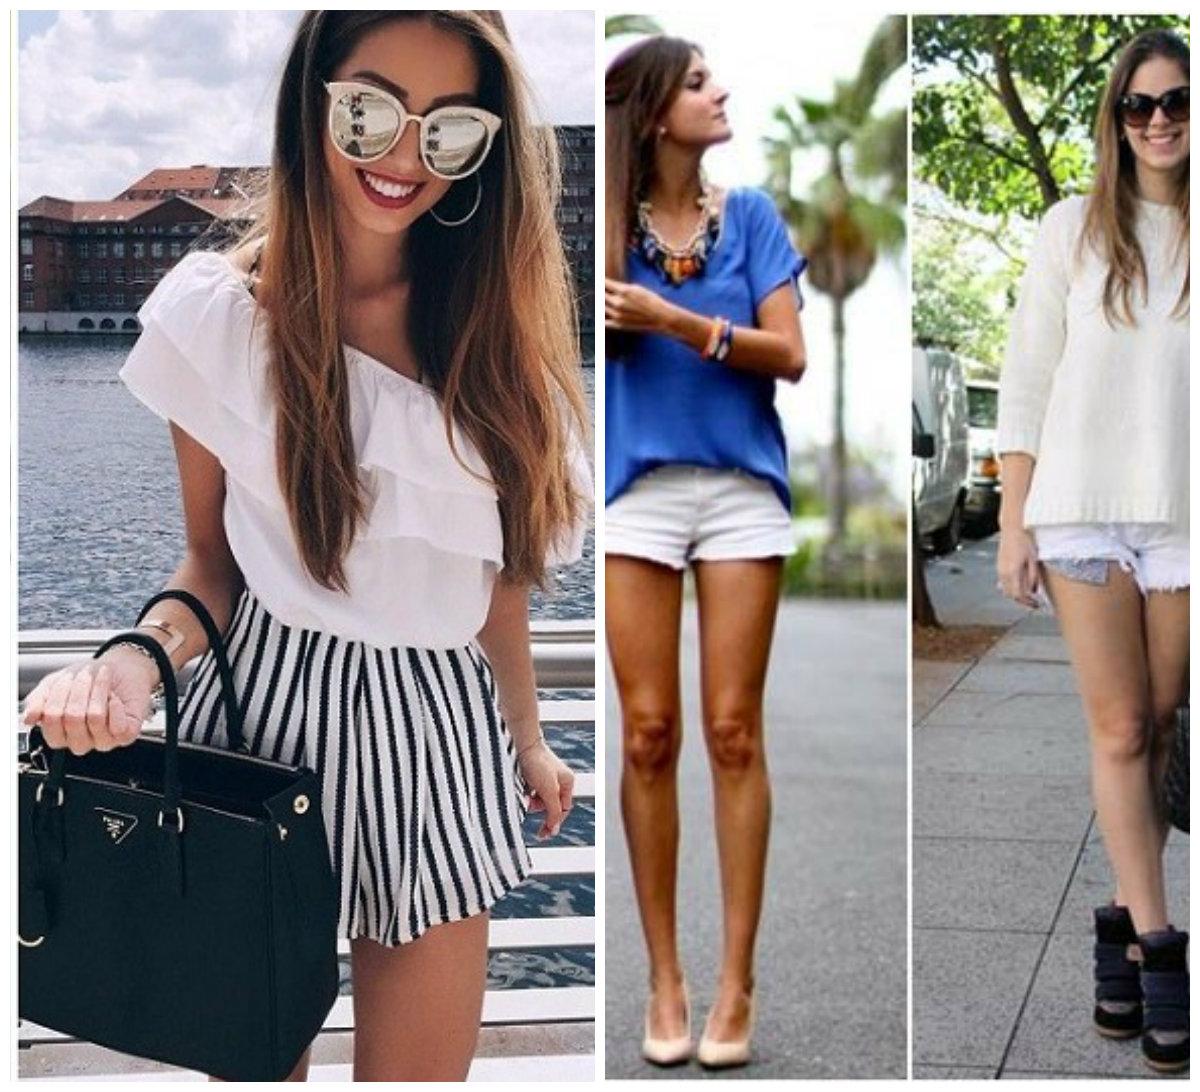 Модные-шорты-2019-женские-фасоны-фото-1.jpg